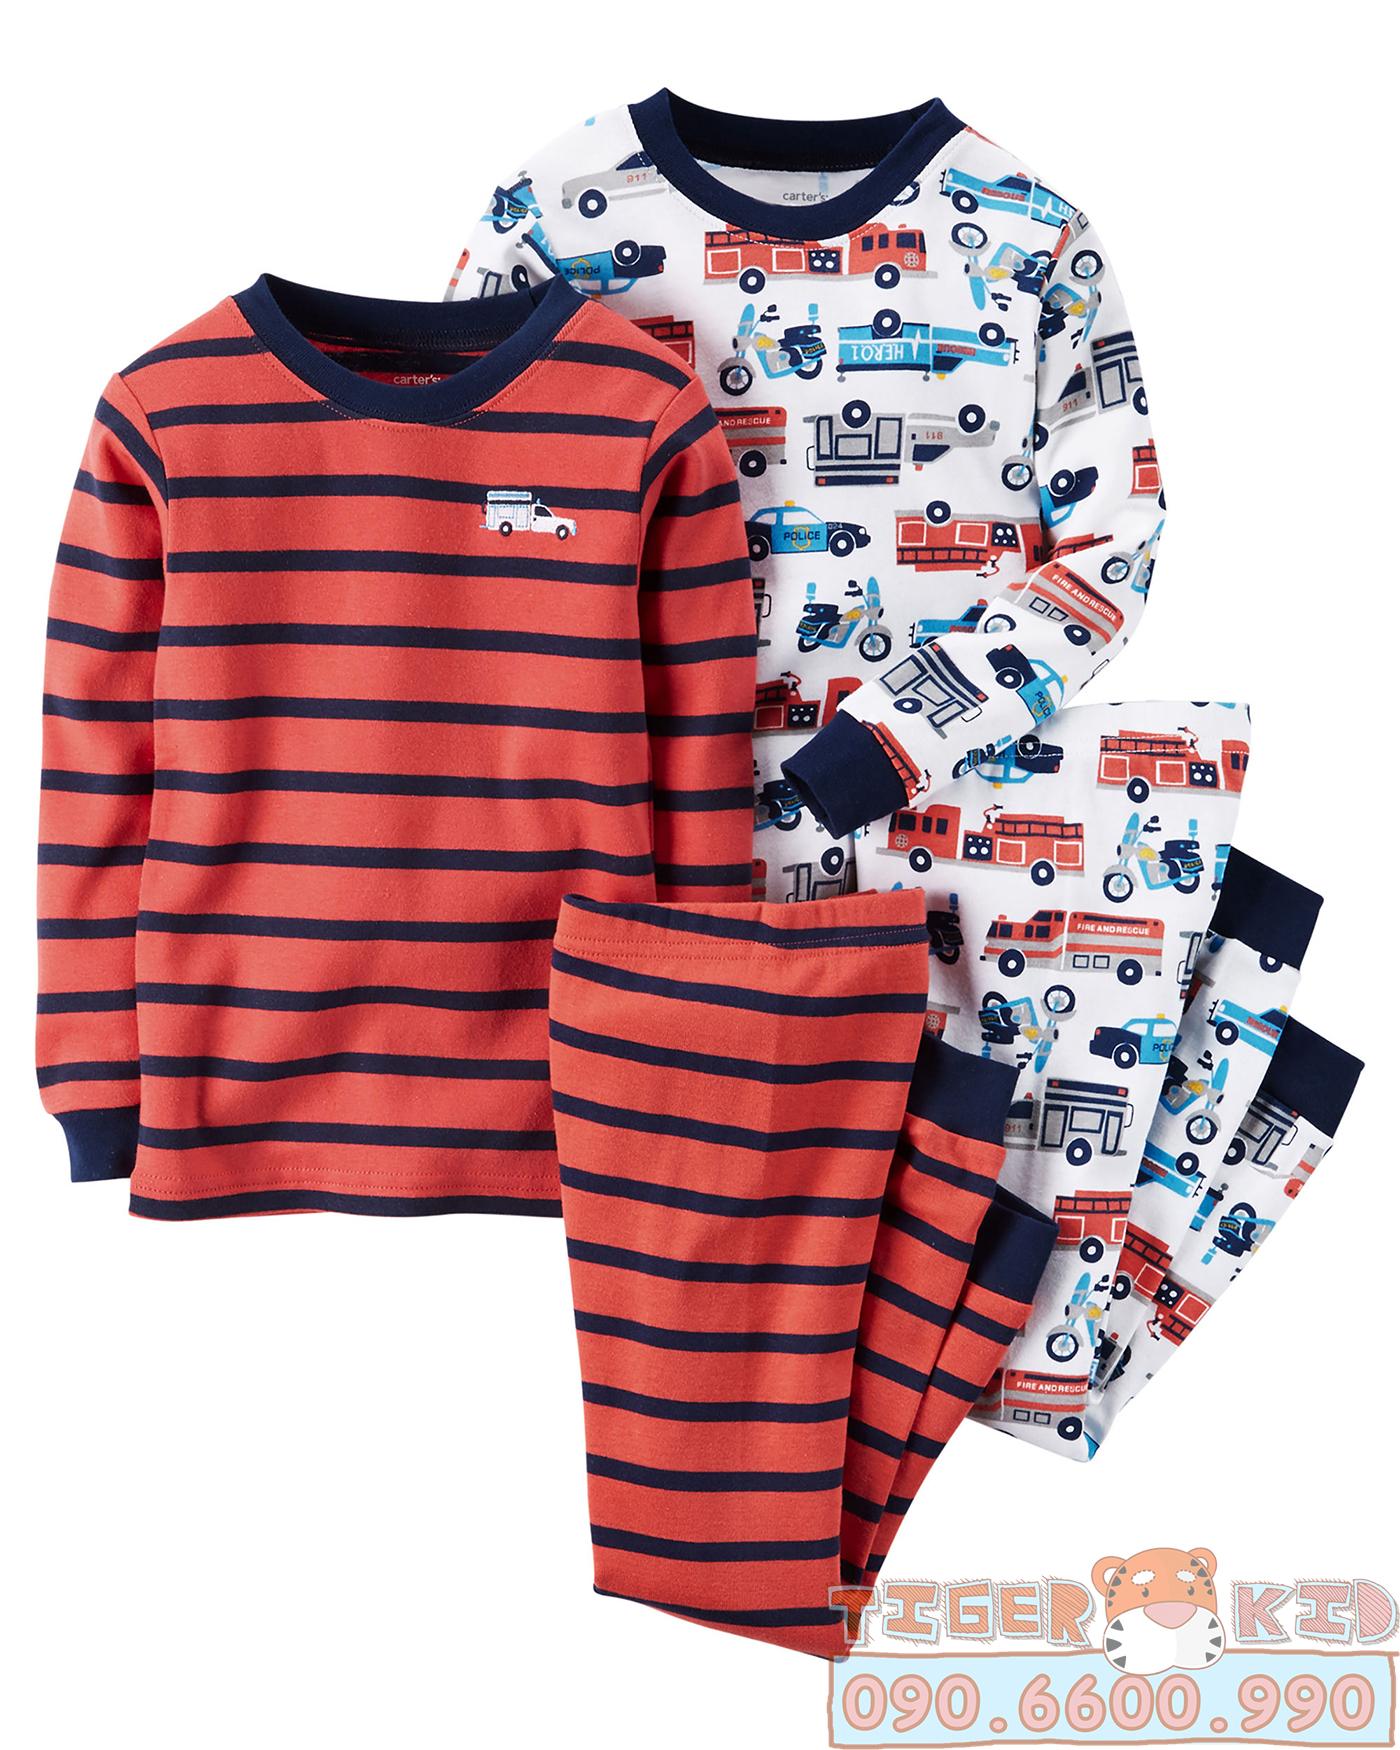 28296730475 1b1a495fe2 o Bộ set Pijamas 12M 18M 24M